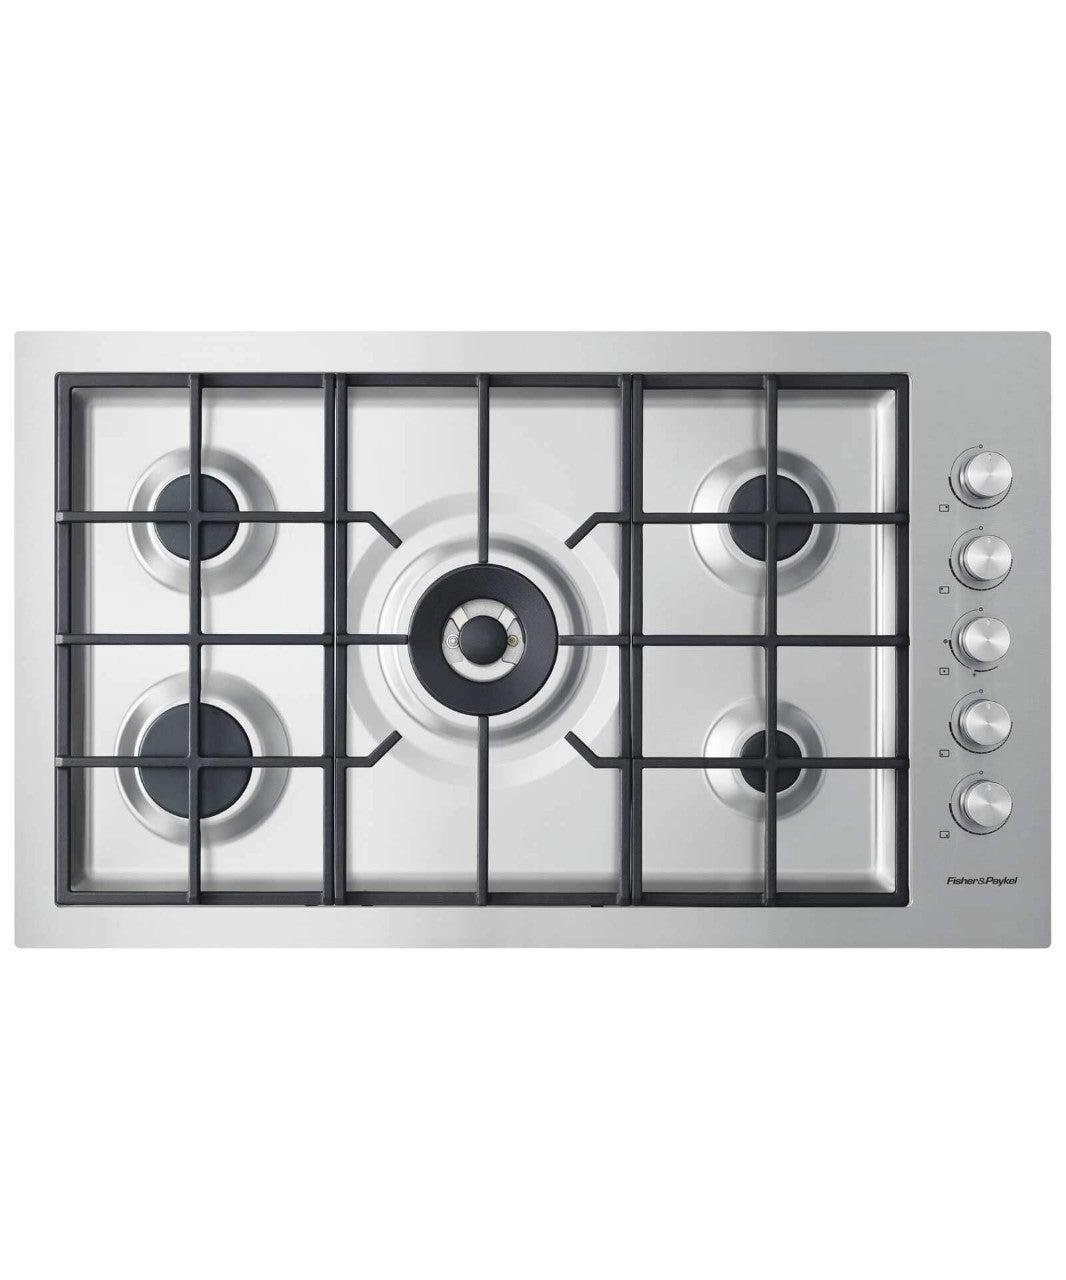 Fisher & Paykel CG905DWLPFCX3 Kitchen Cooktop